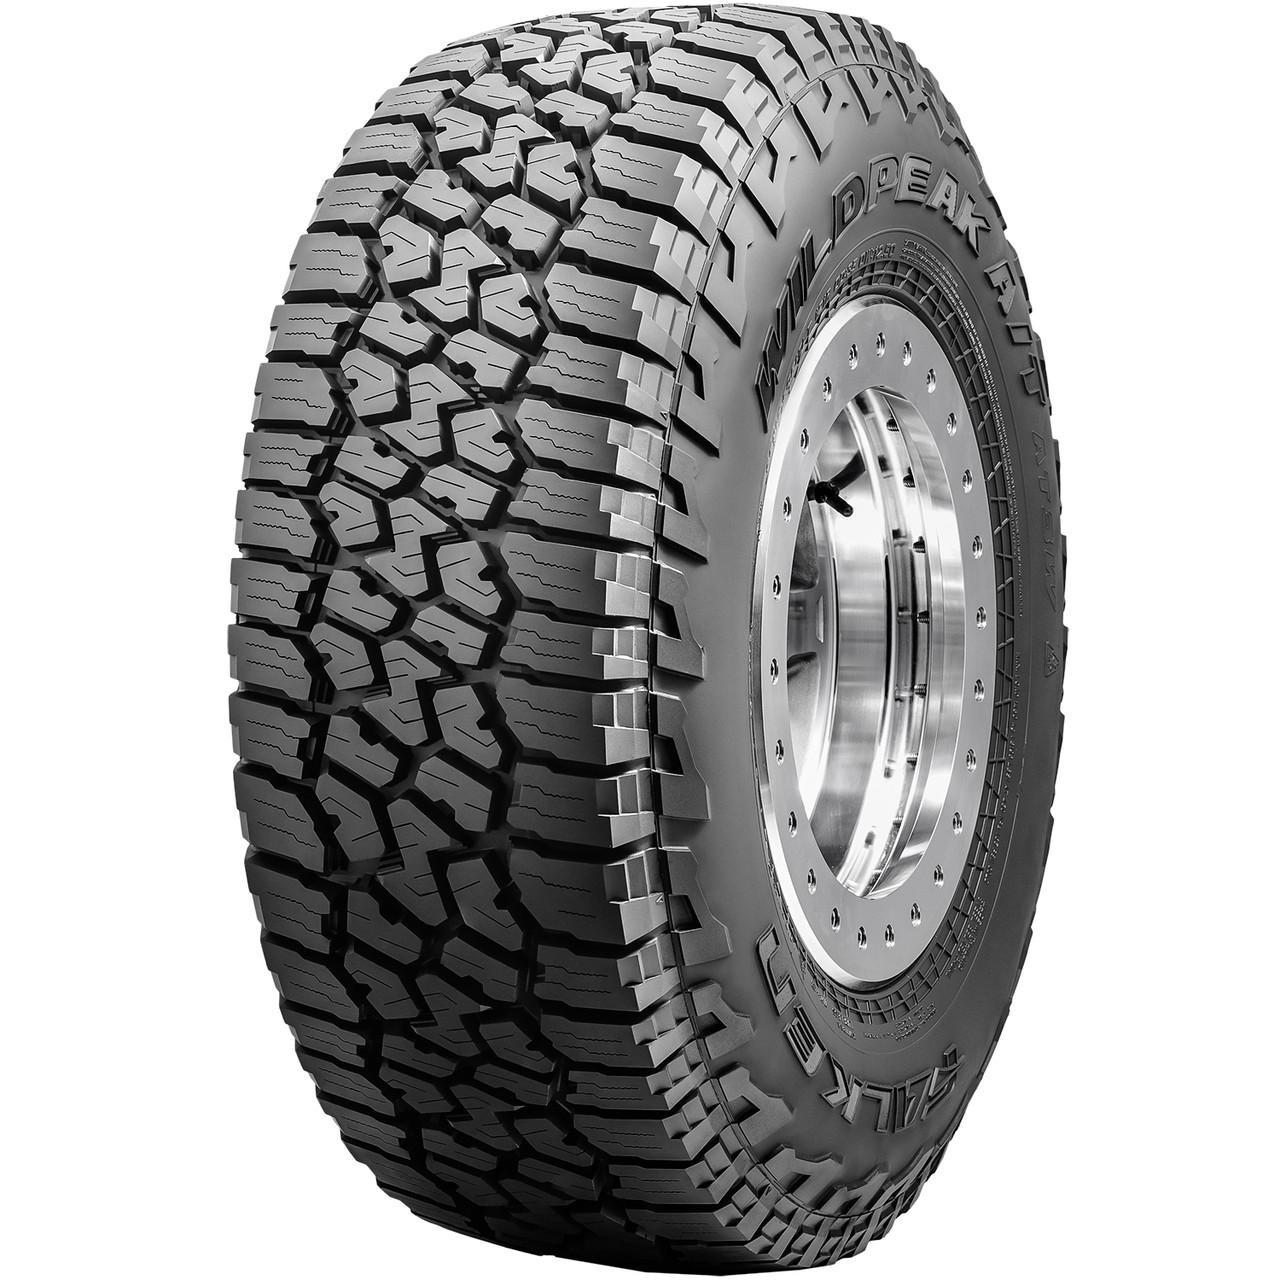 PriorityTire.com coupon: Falken Wildpeak A/T3W 235/80R17 E (10 Ply) All Terrain Tire